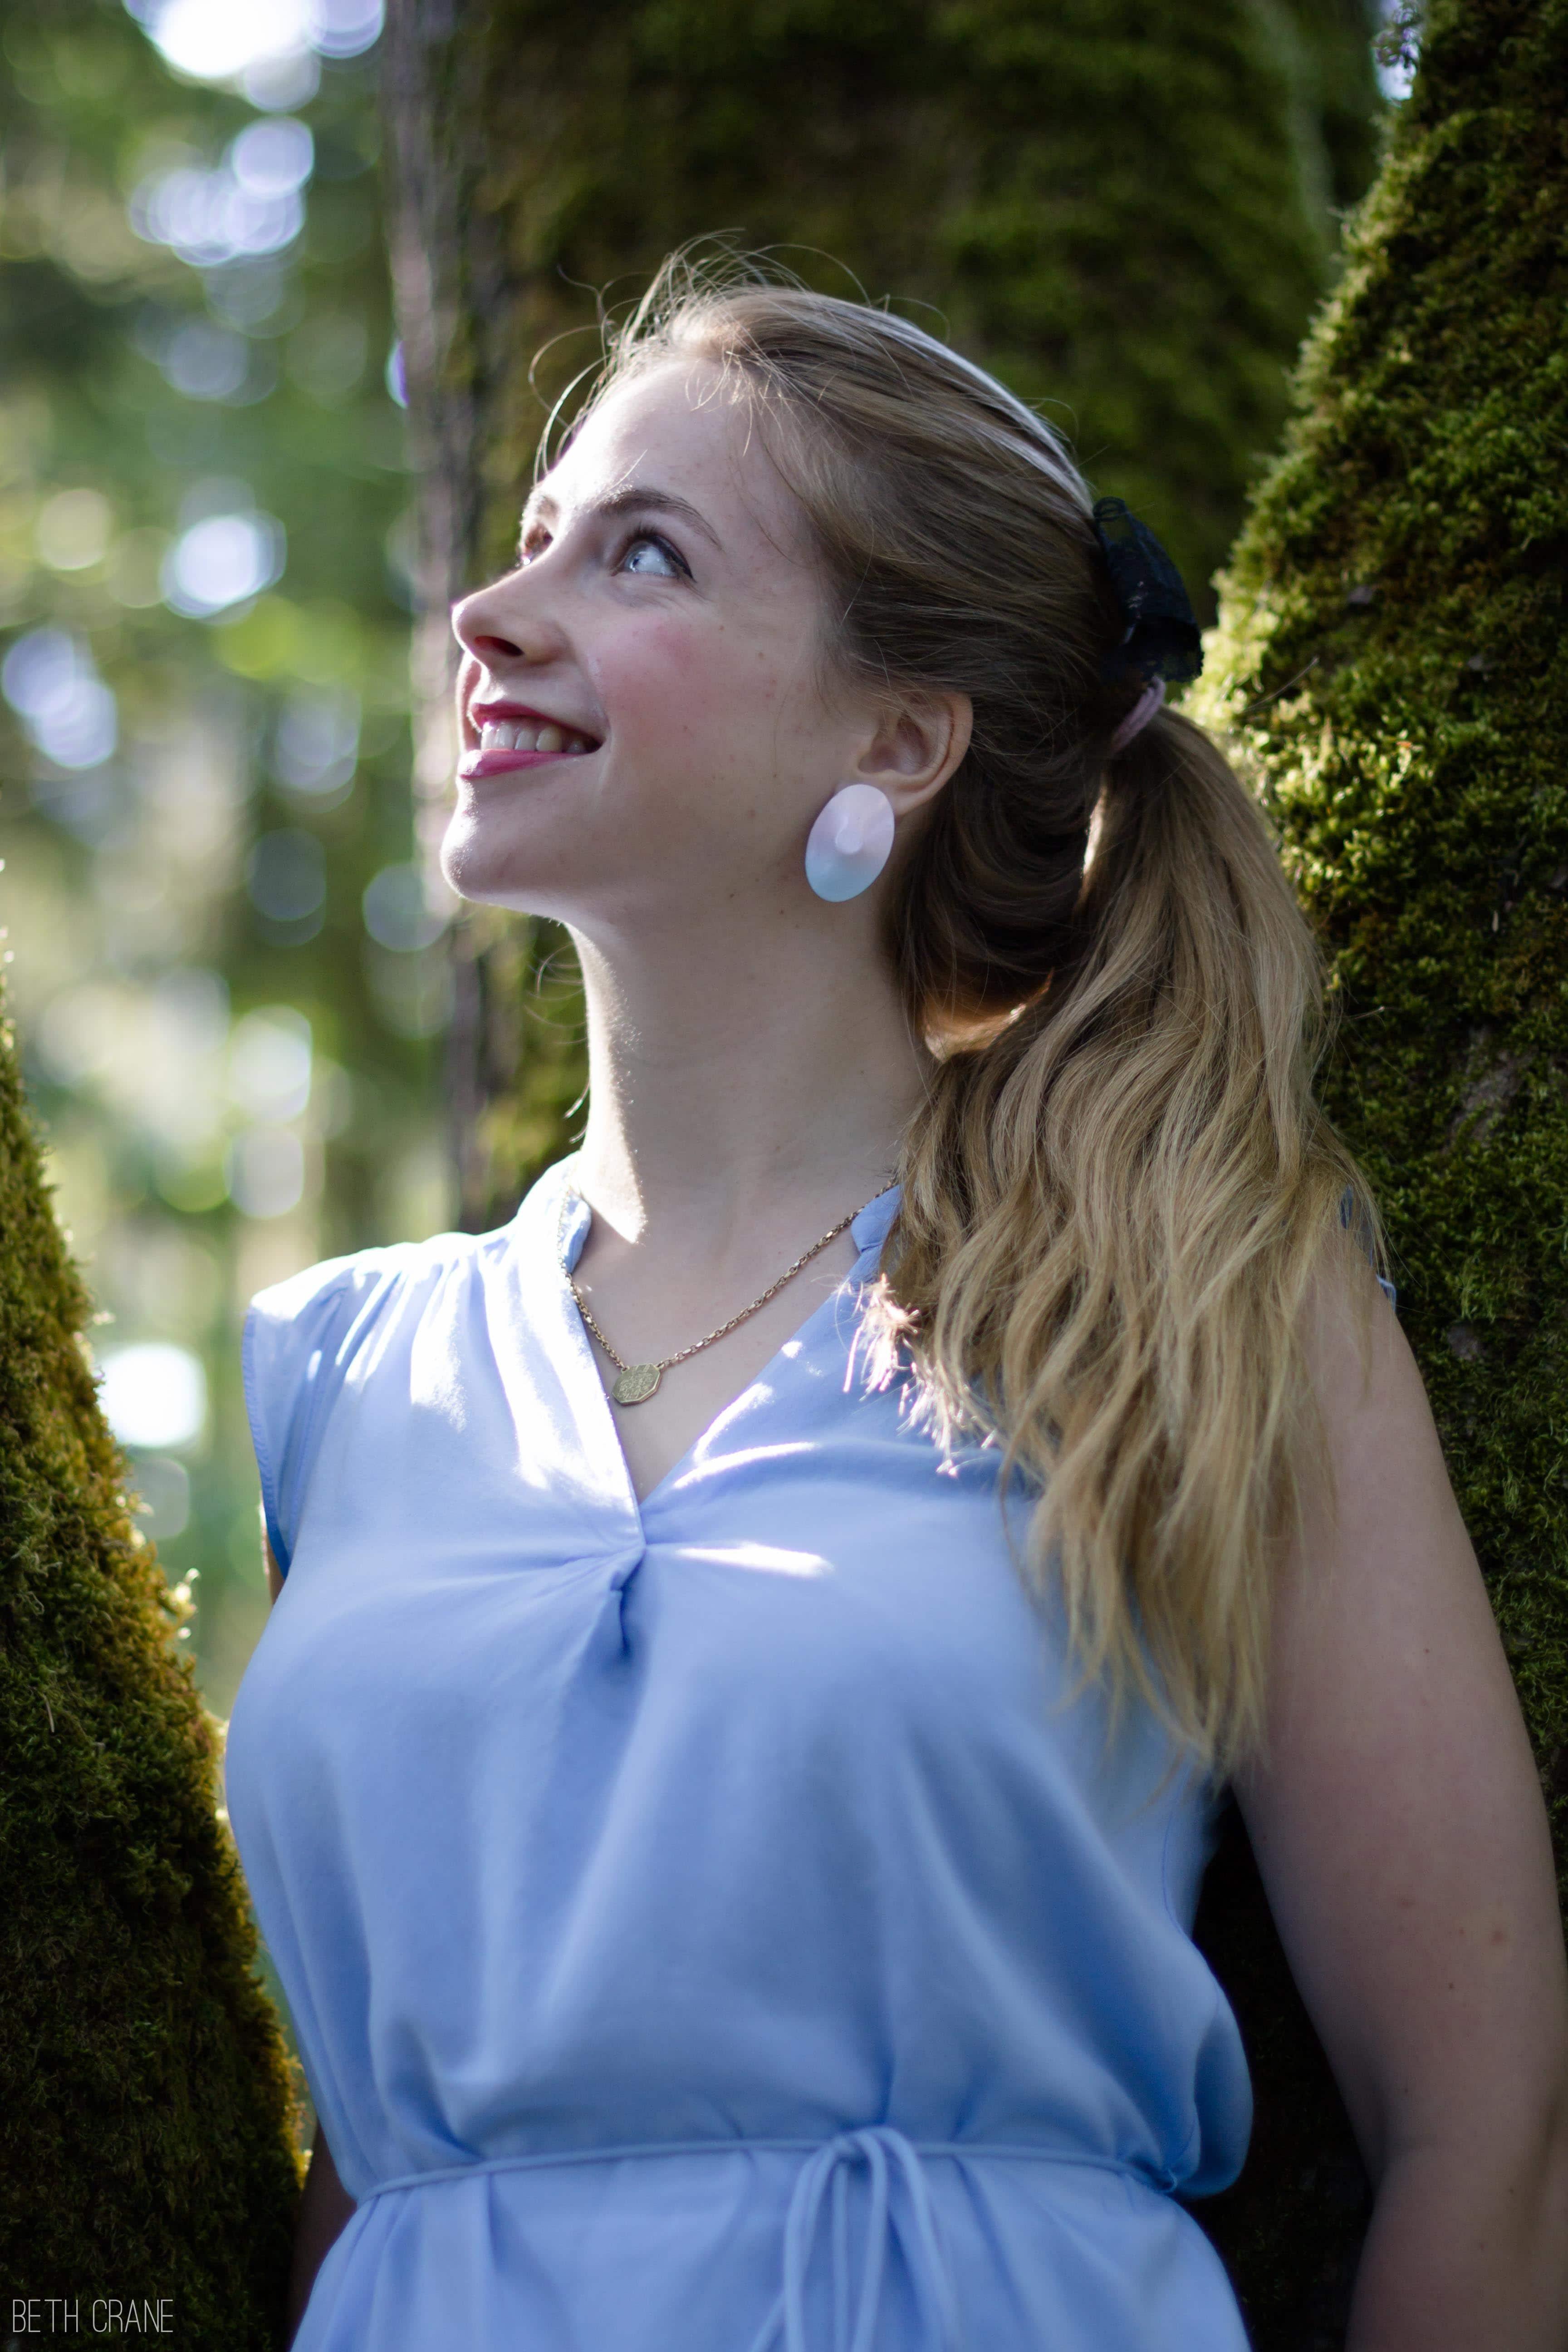 Vivienne Jaehn-Kreibaum in Wonderland